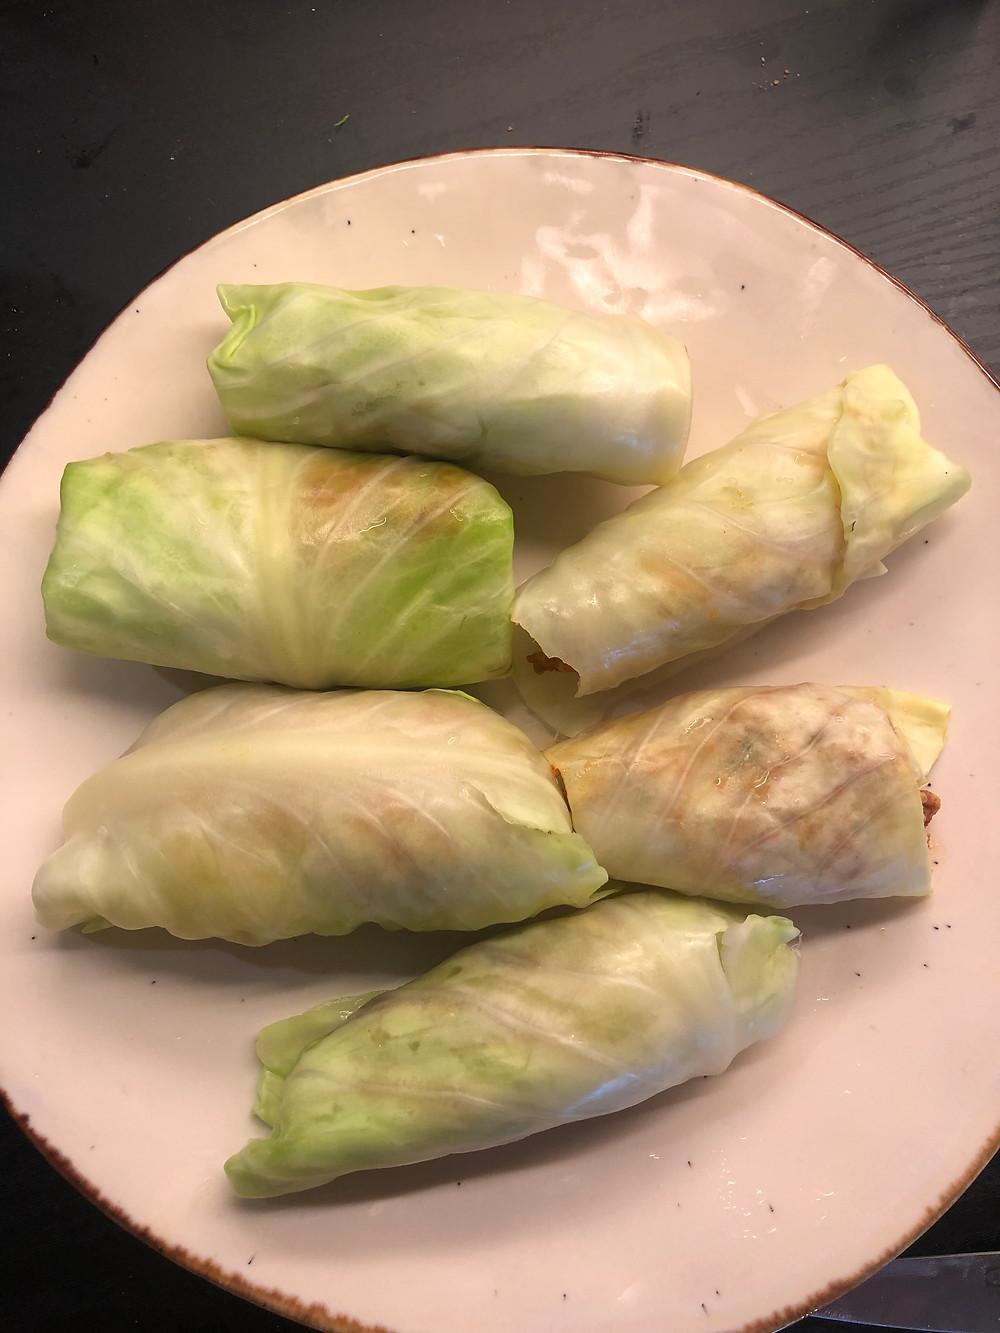 kålruller. hodekål med restemat. tacokjøttdeig, kjøttdeigrester